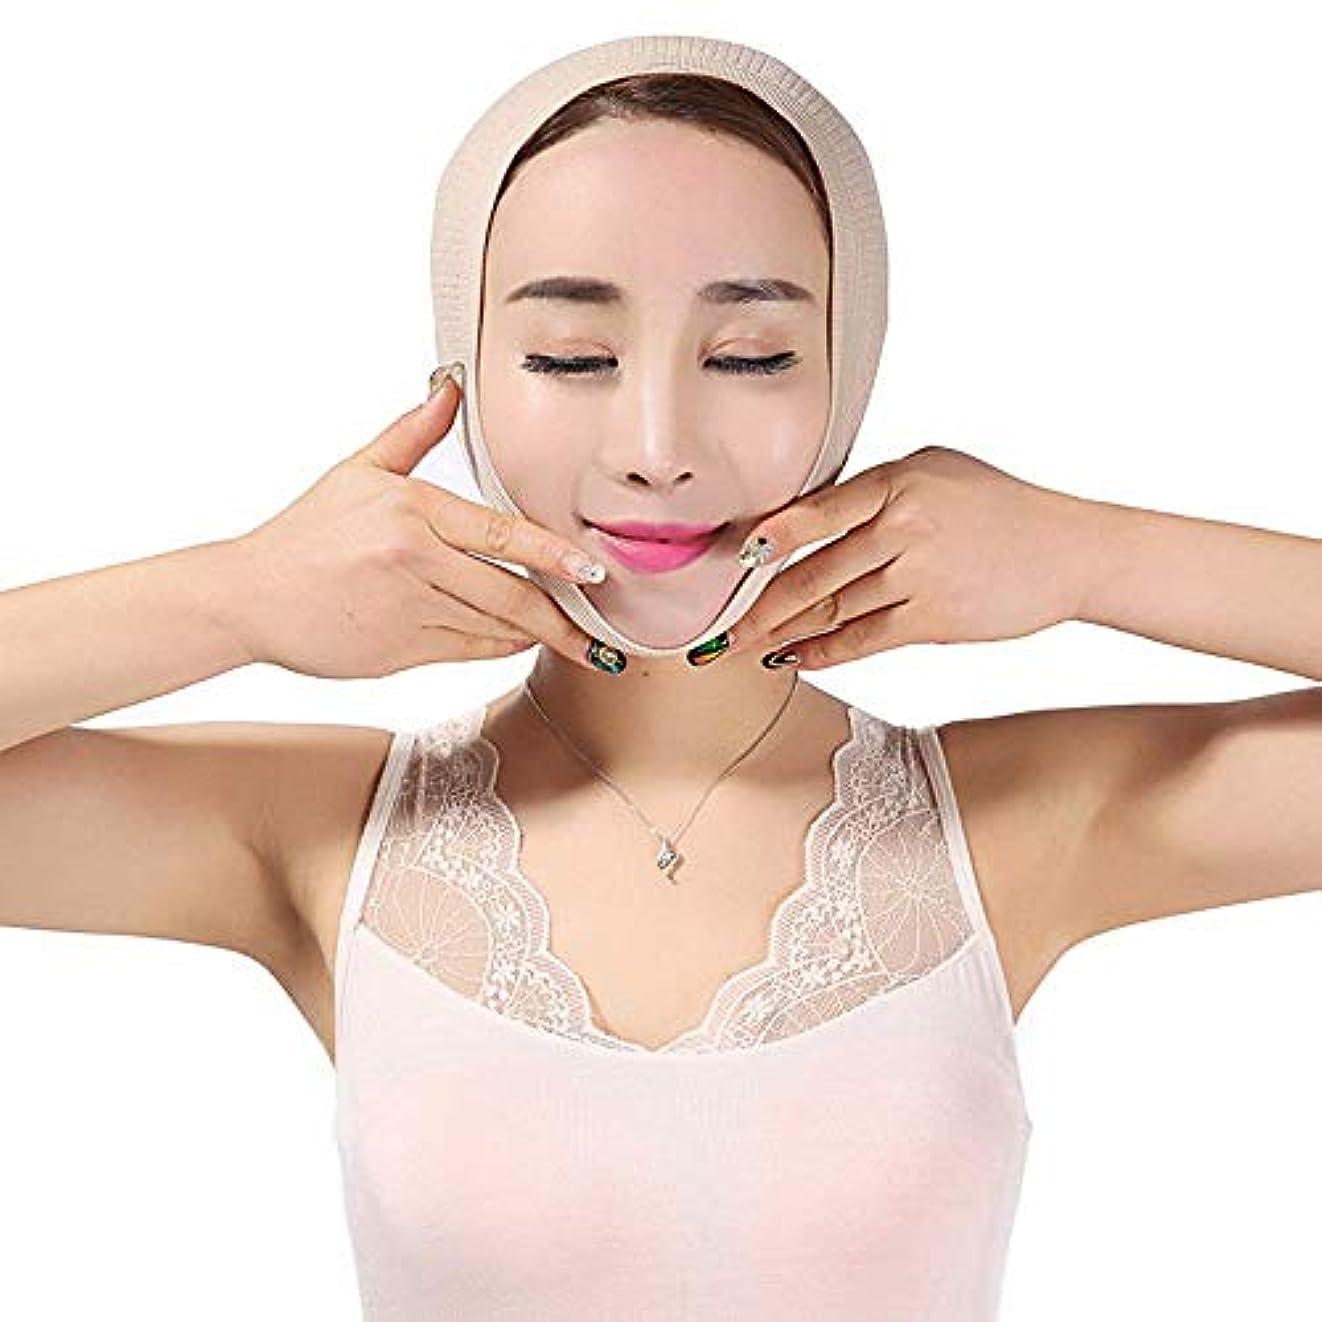 ロープ手当不合格薄い顔の器械のマスクの改装の包帯Vの表面持ち上がることの引き締めの美顔術の二重最大の顔のマッサージャー